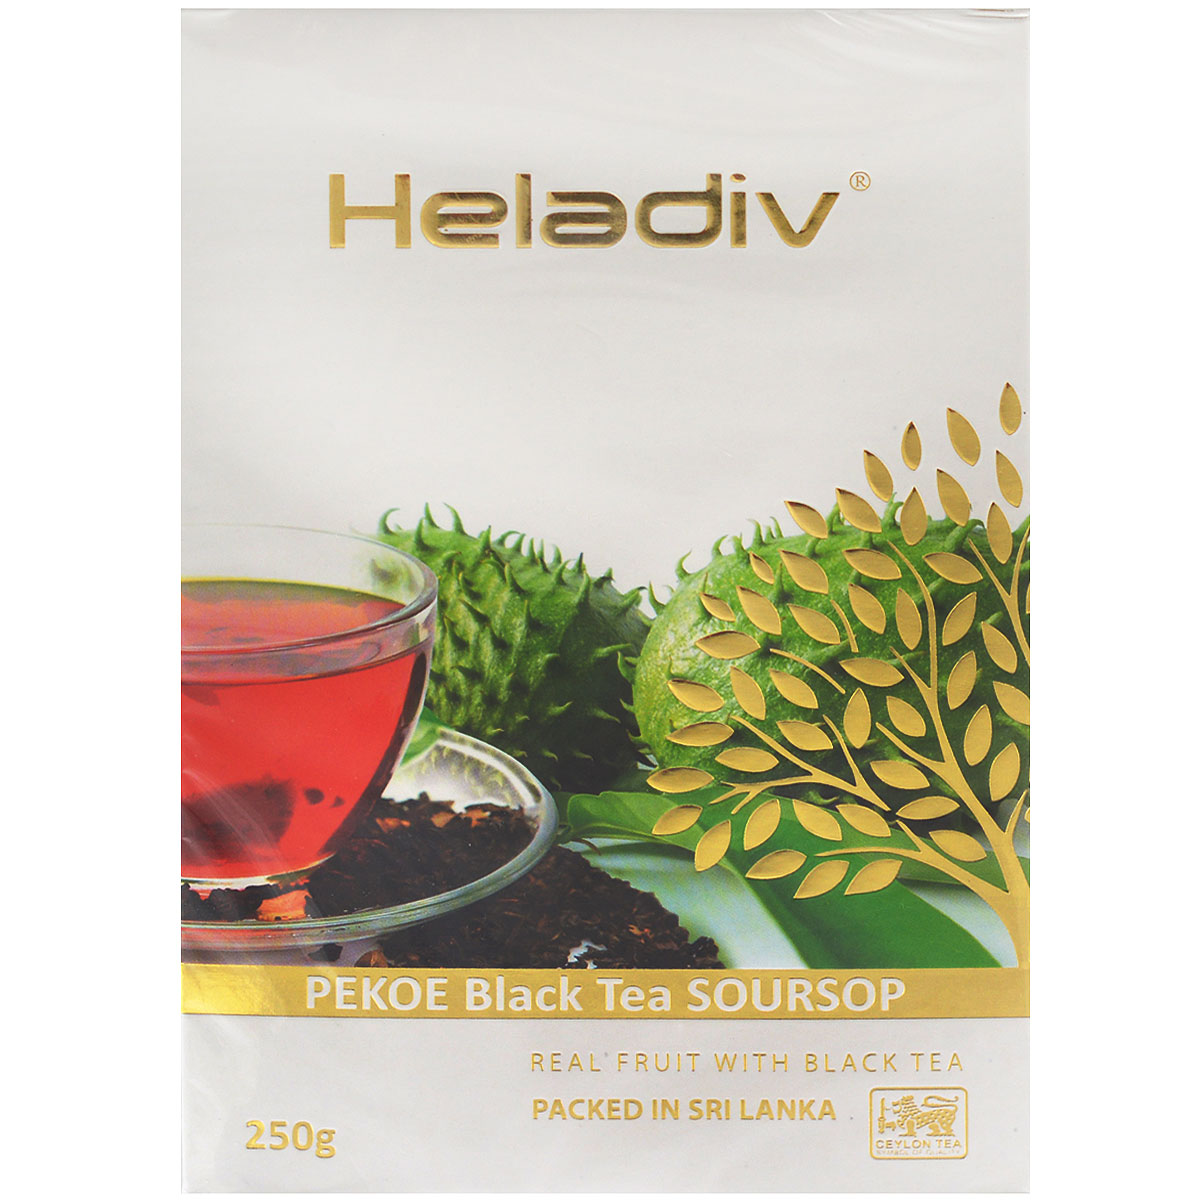 Heladiv Pekoe Black Soursop черный листовой чай с саусепом, 250 г0120710Heladiv PekoeBlack Soursop - настоящий цейлонский черный чай Пеко с с натуральным ароматизатором и кусочками саусепа.